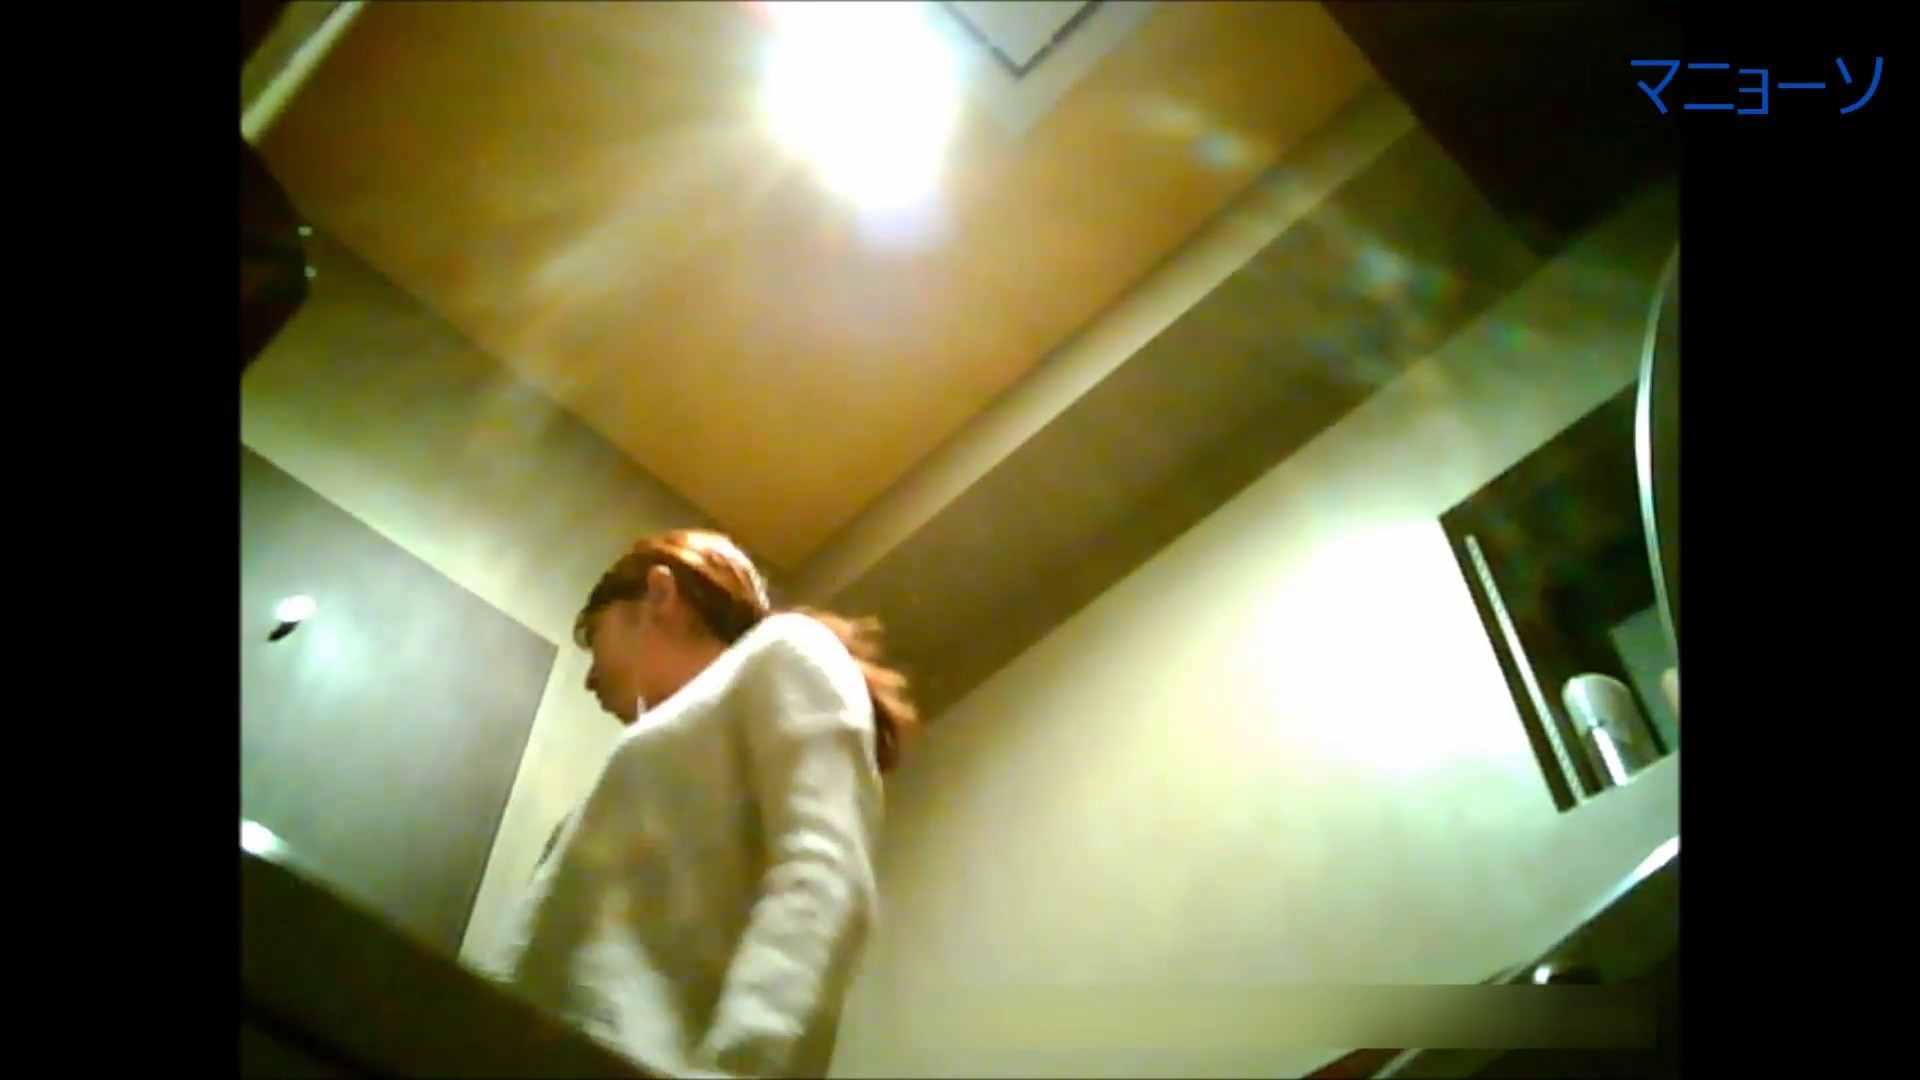 トイレでひと肌脱いでもらいました (JD編)Vol.02 トイレ  80pic 4